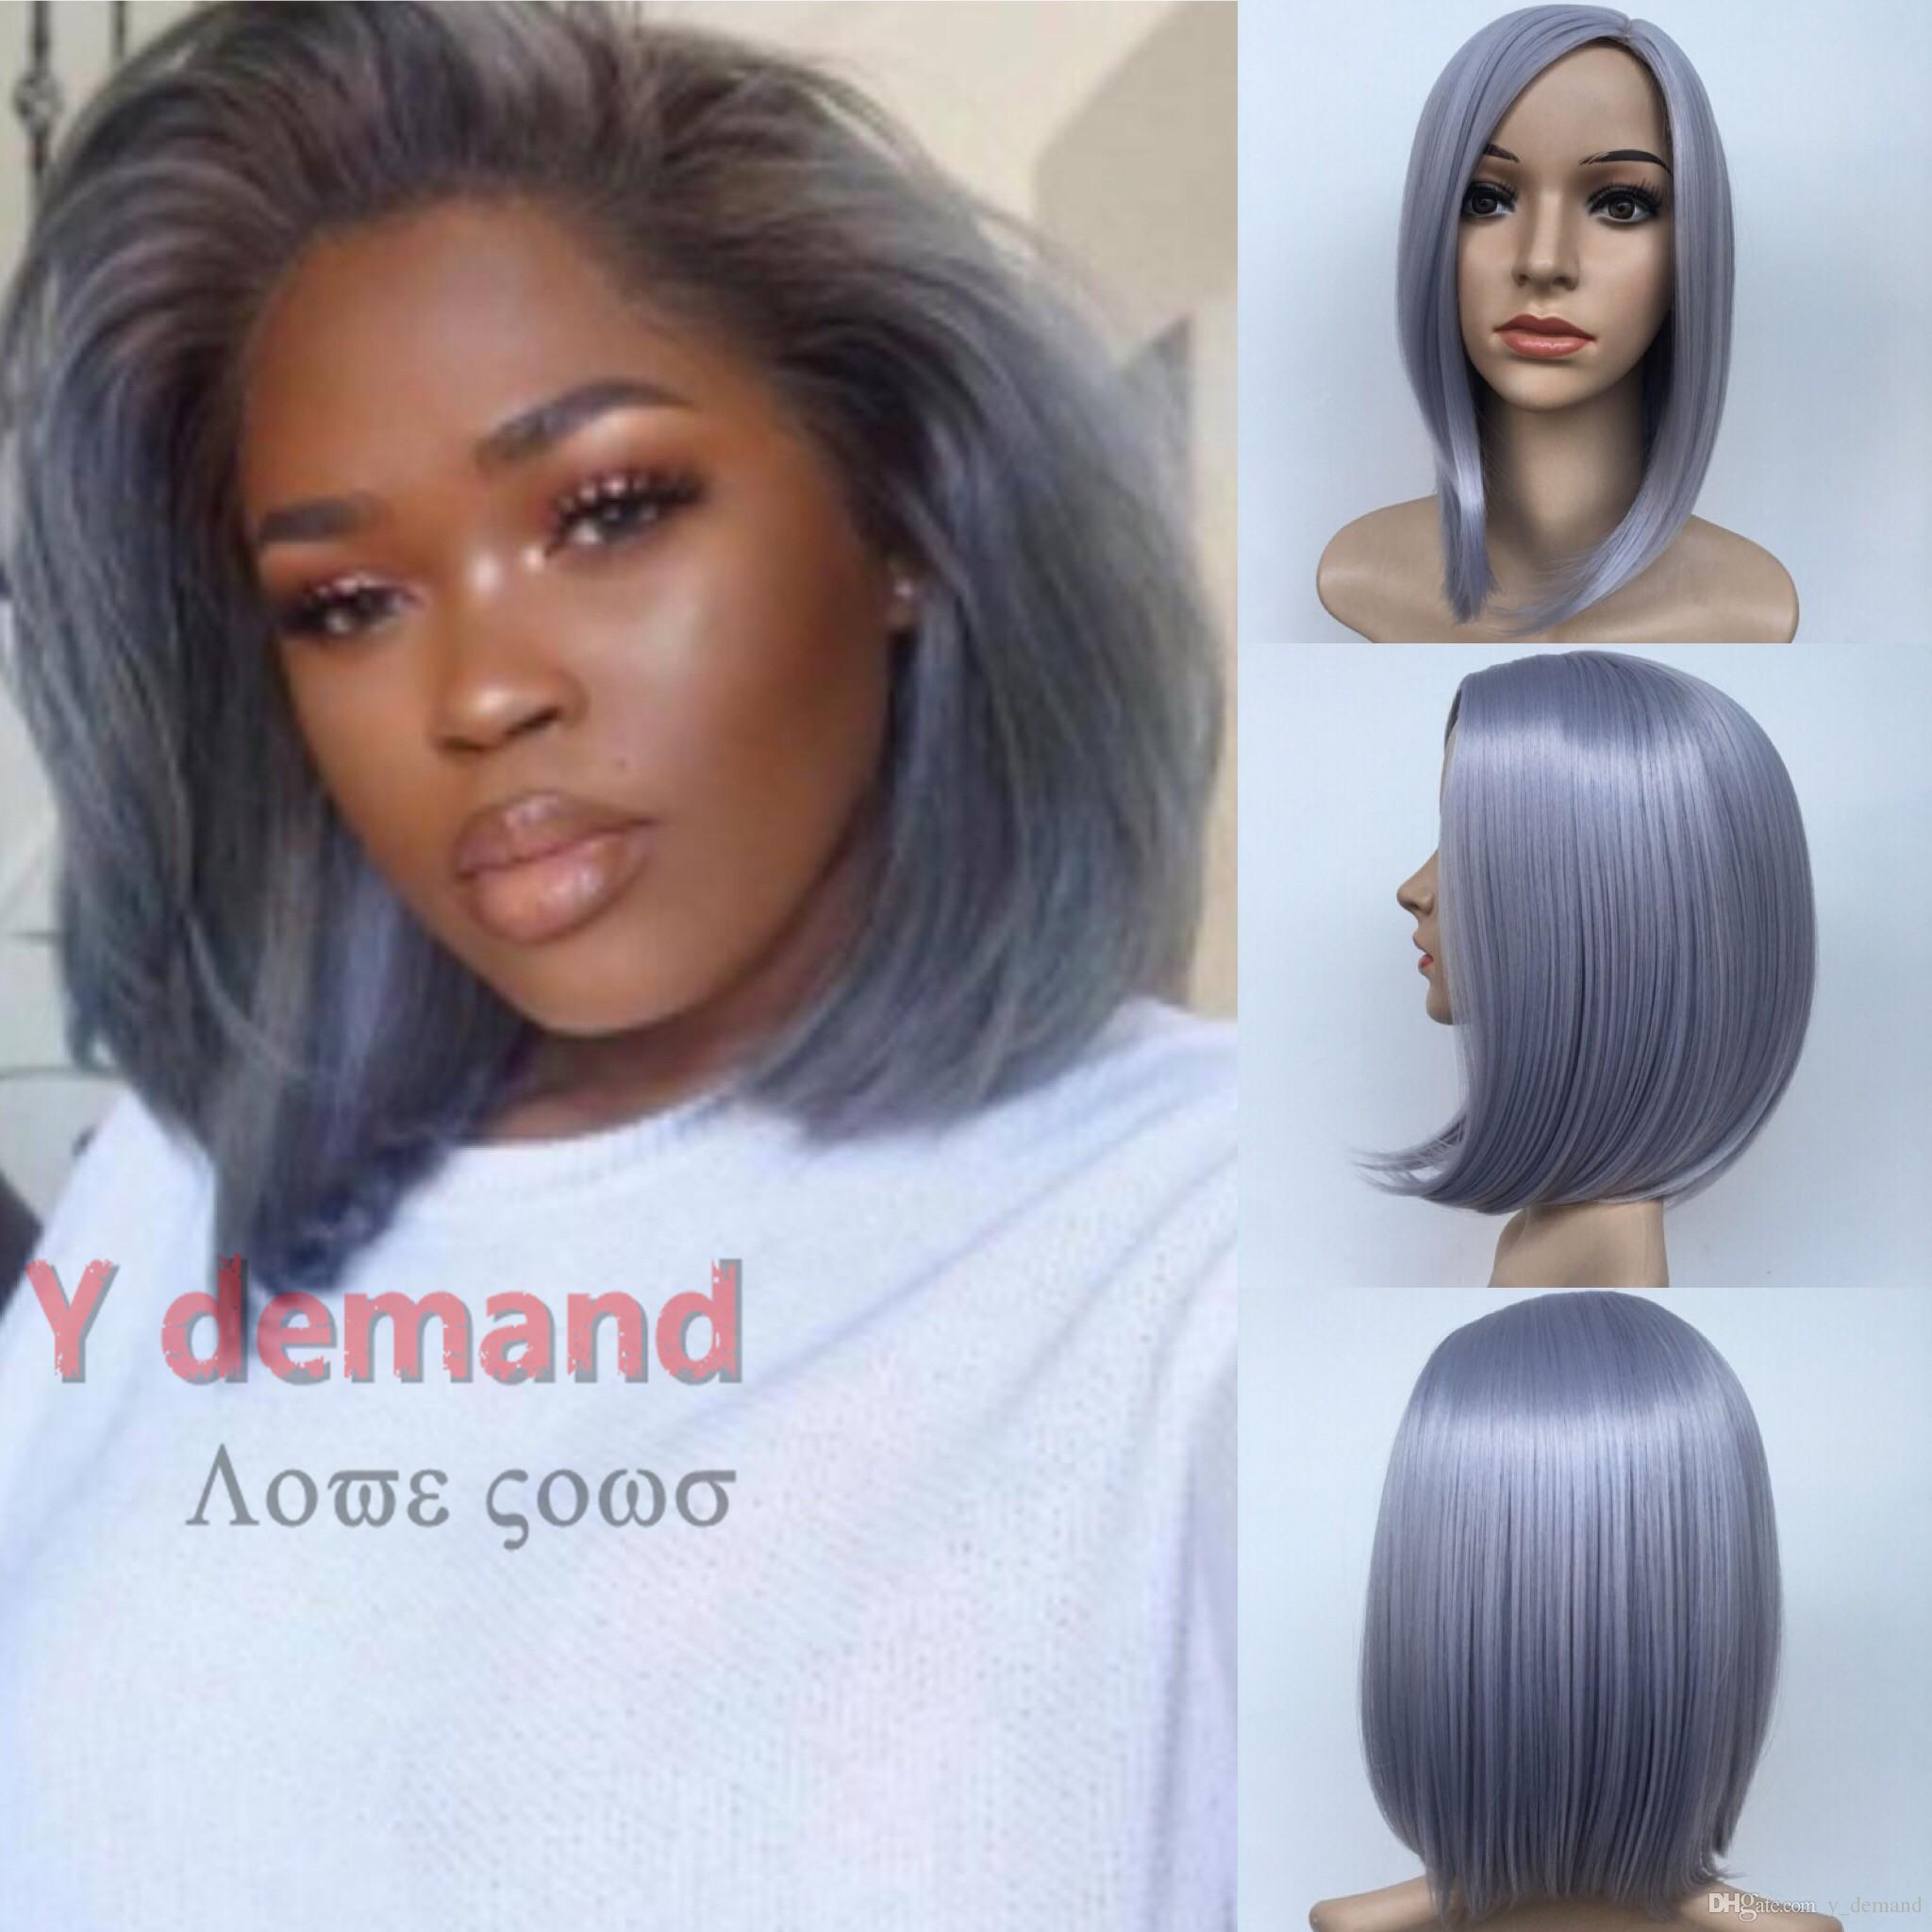 Y-D 3 colores negro corto pelucas rectas moda sin cola peluca llena del pelo para afroamericanos mujer 12 pulgadas resistente al calor para mujeres negras